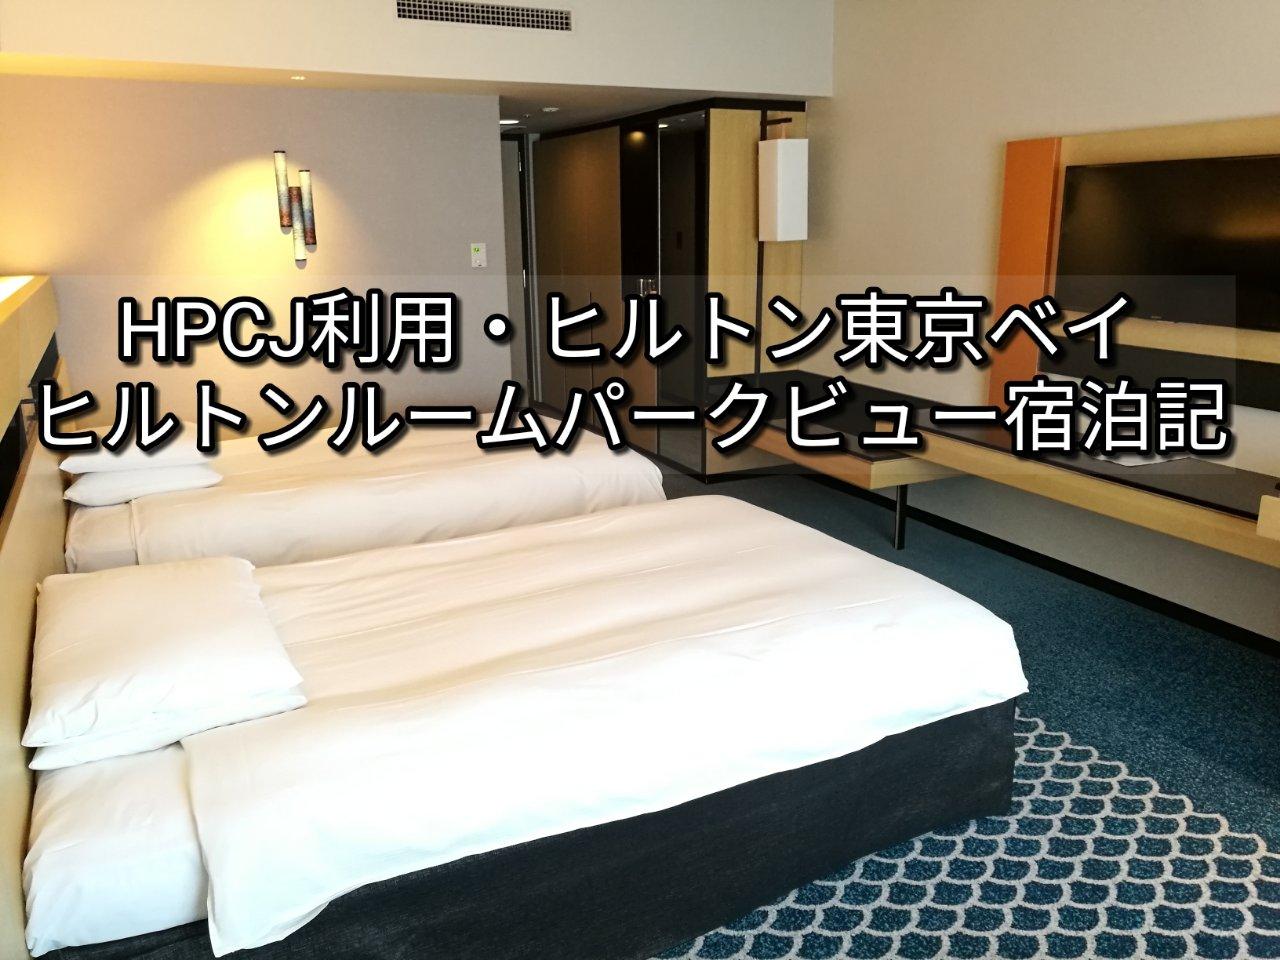 ヒルトン東京ベイ ツイン ヒルトンルームパークビュー宿泊記